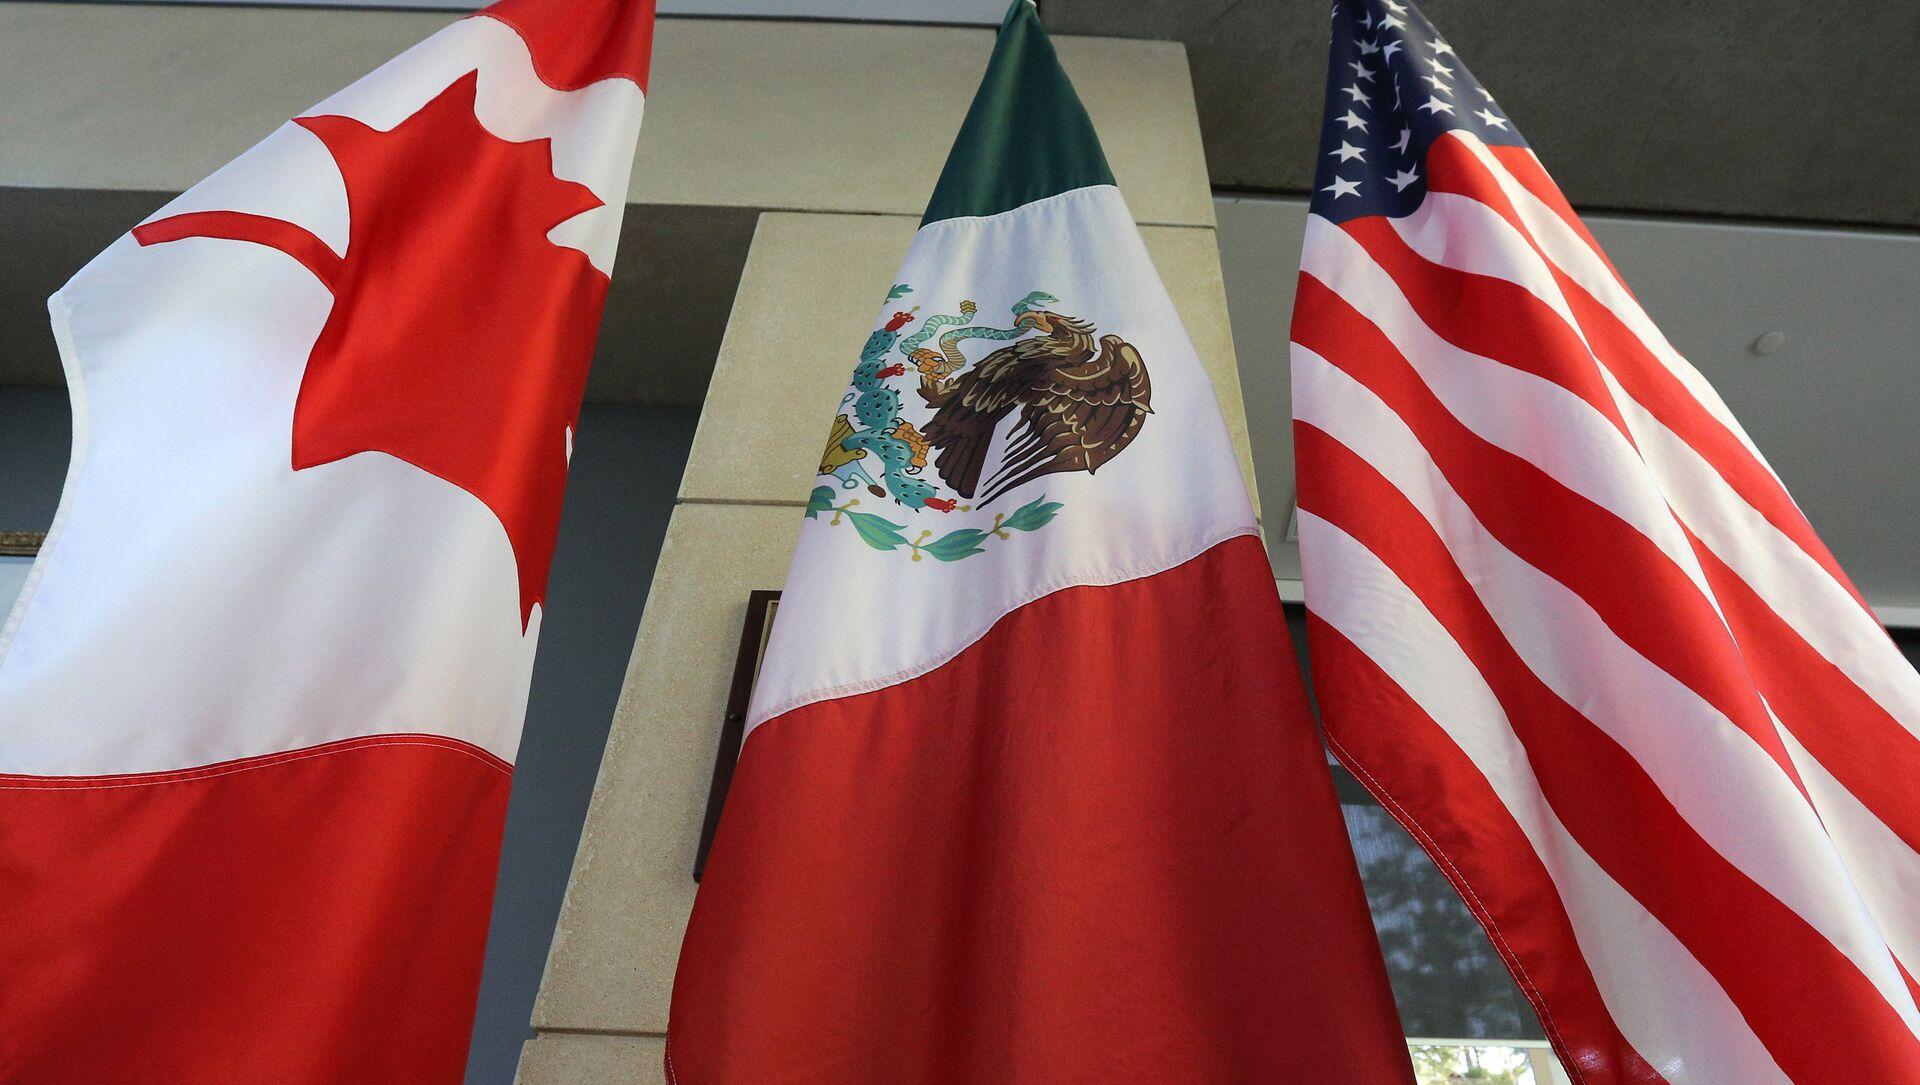 Las banderas de Canadá, México y EEUU - Sputnik Mundo, 1920, 07.01.2021